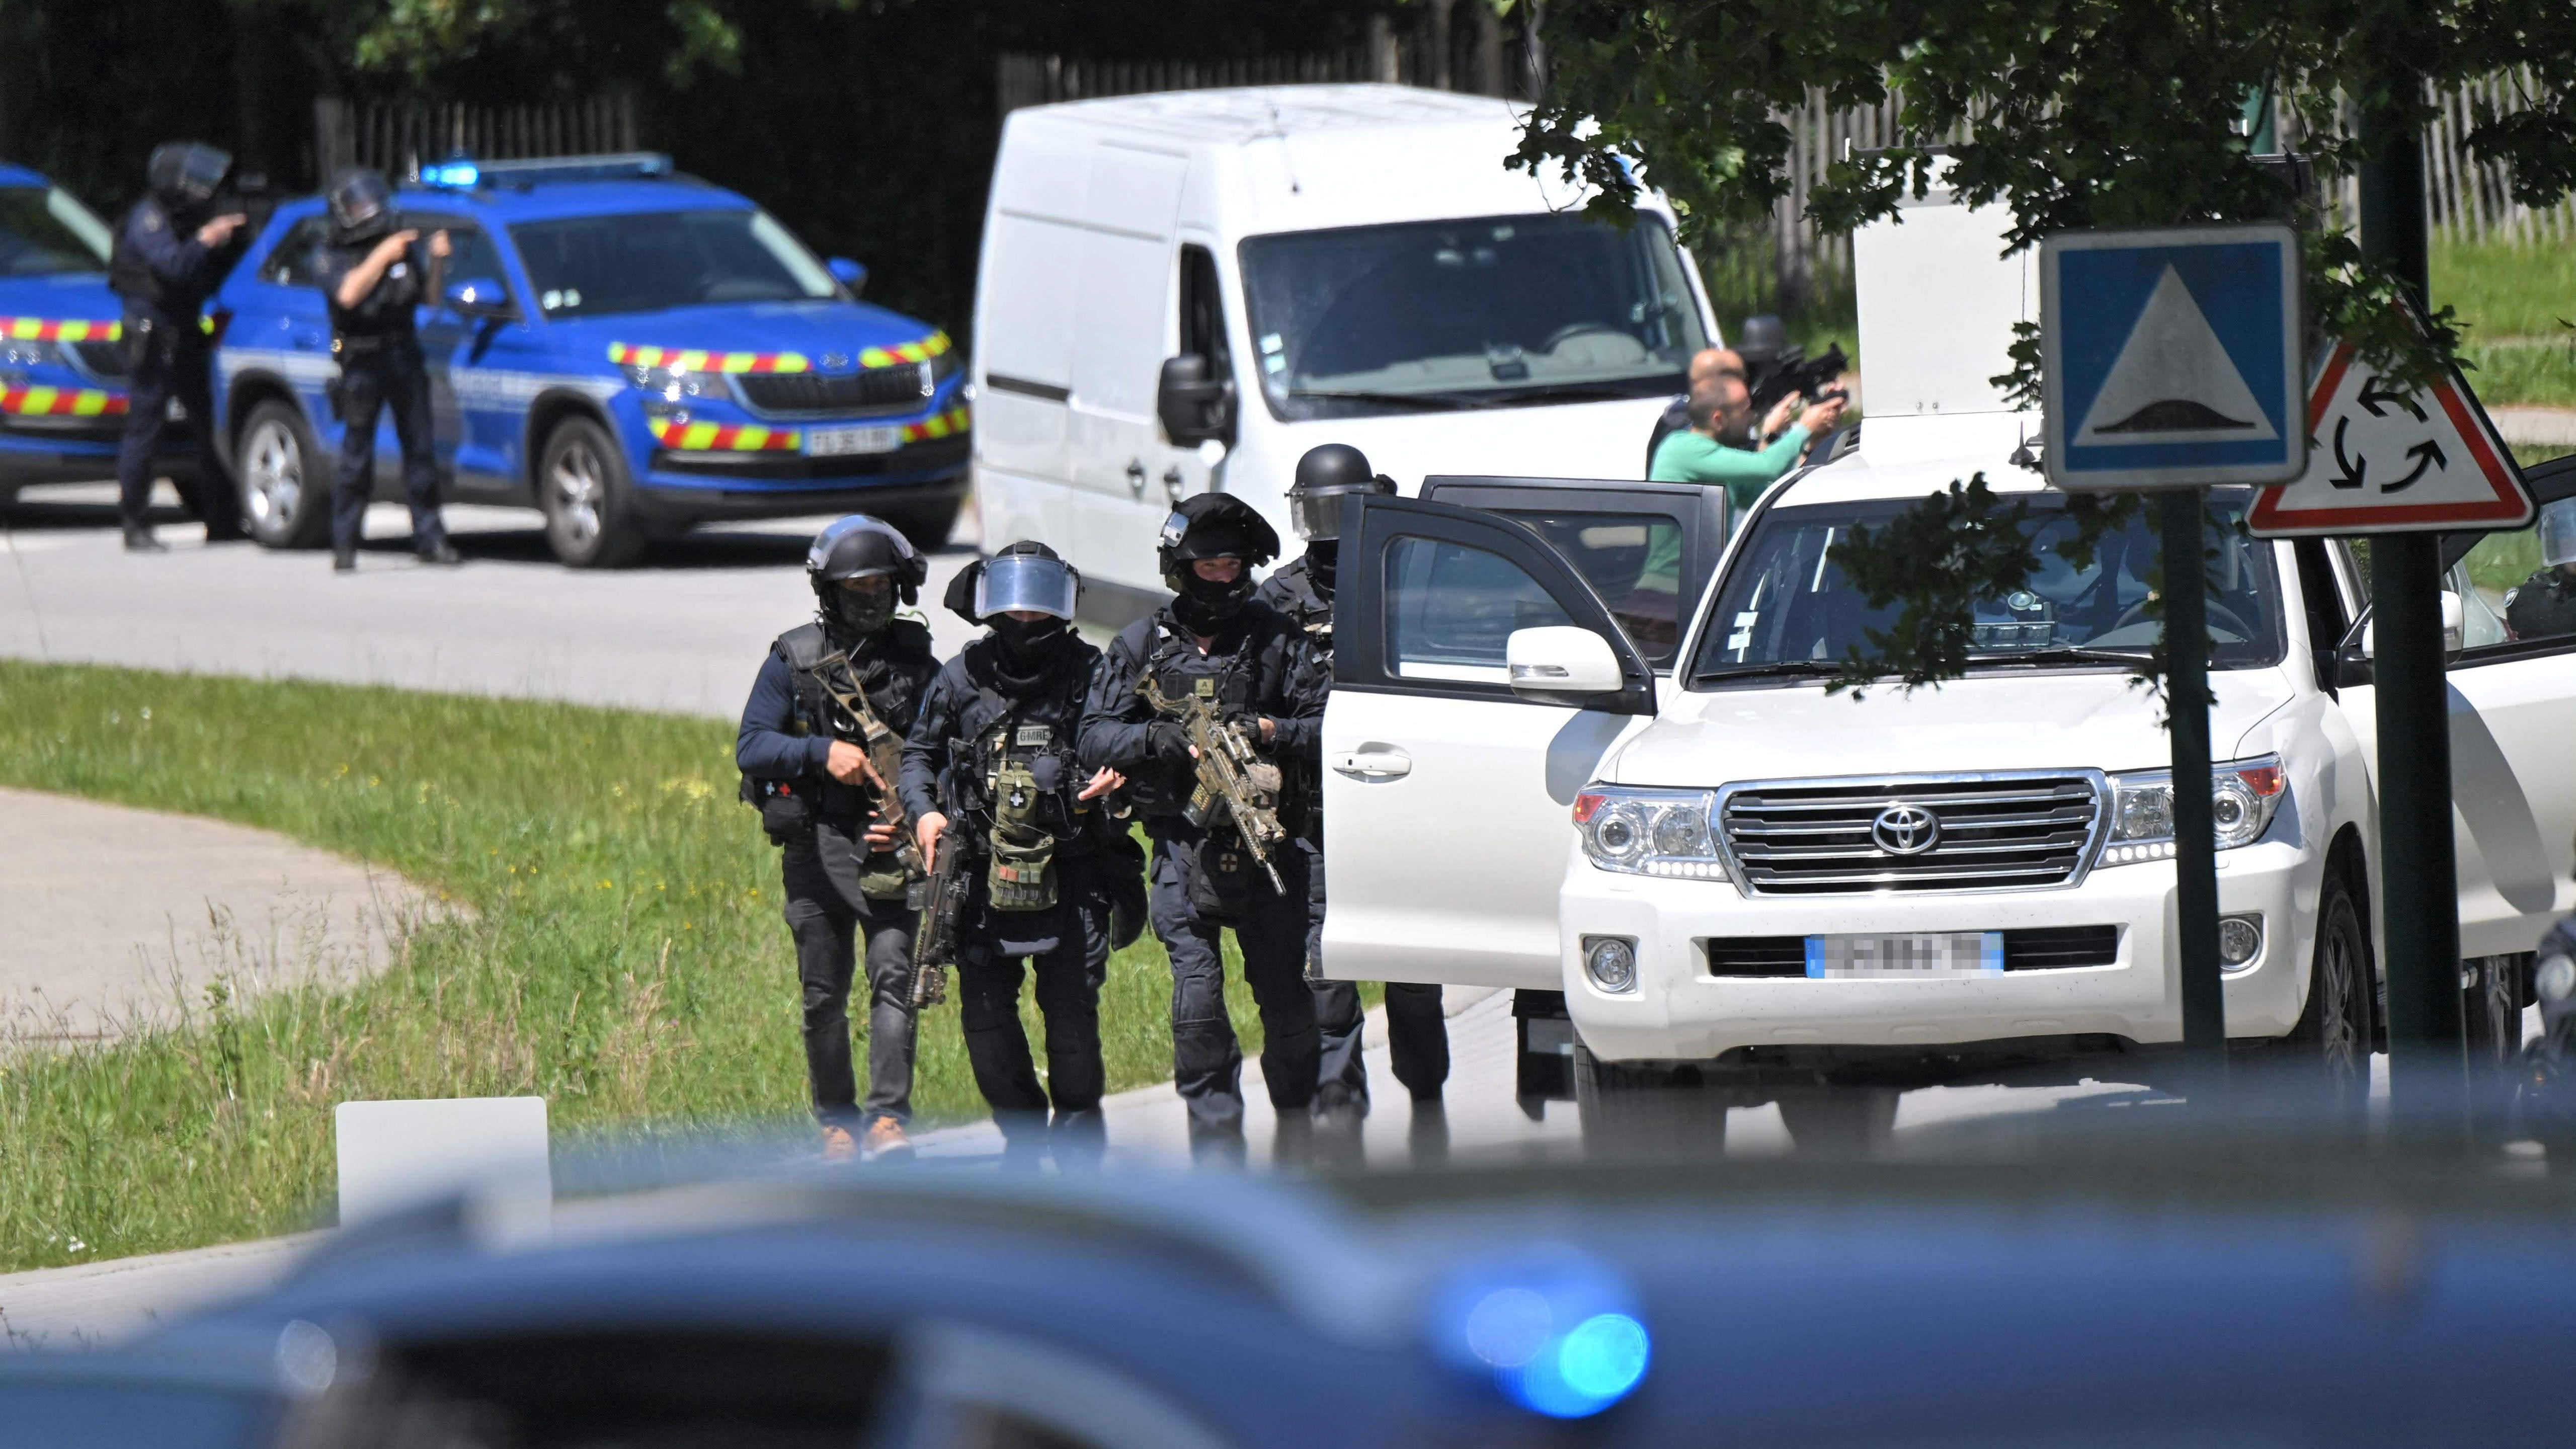 GIGN:n joukkoja raskaasti aseistautuneena Nantesissa.